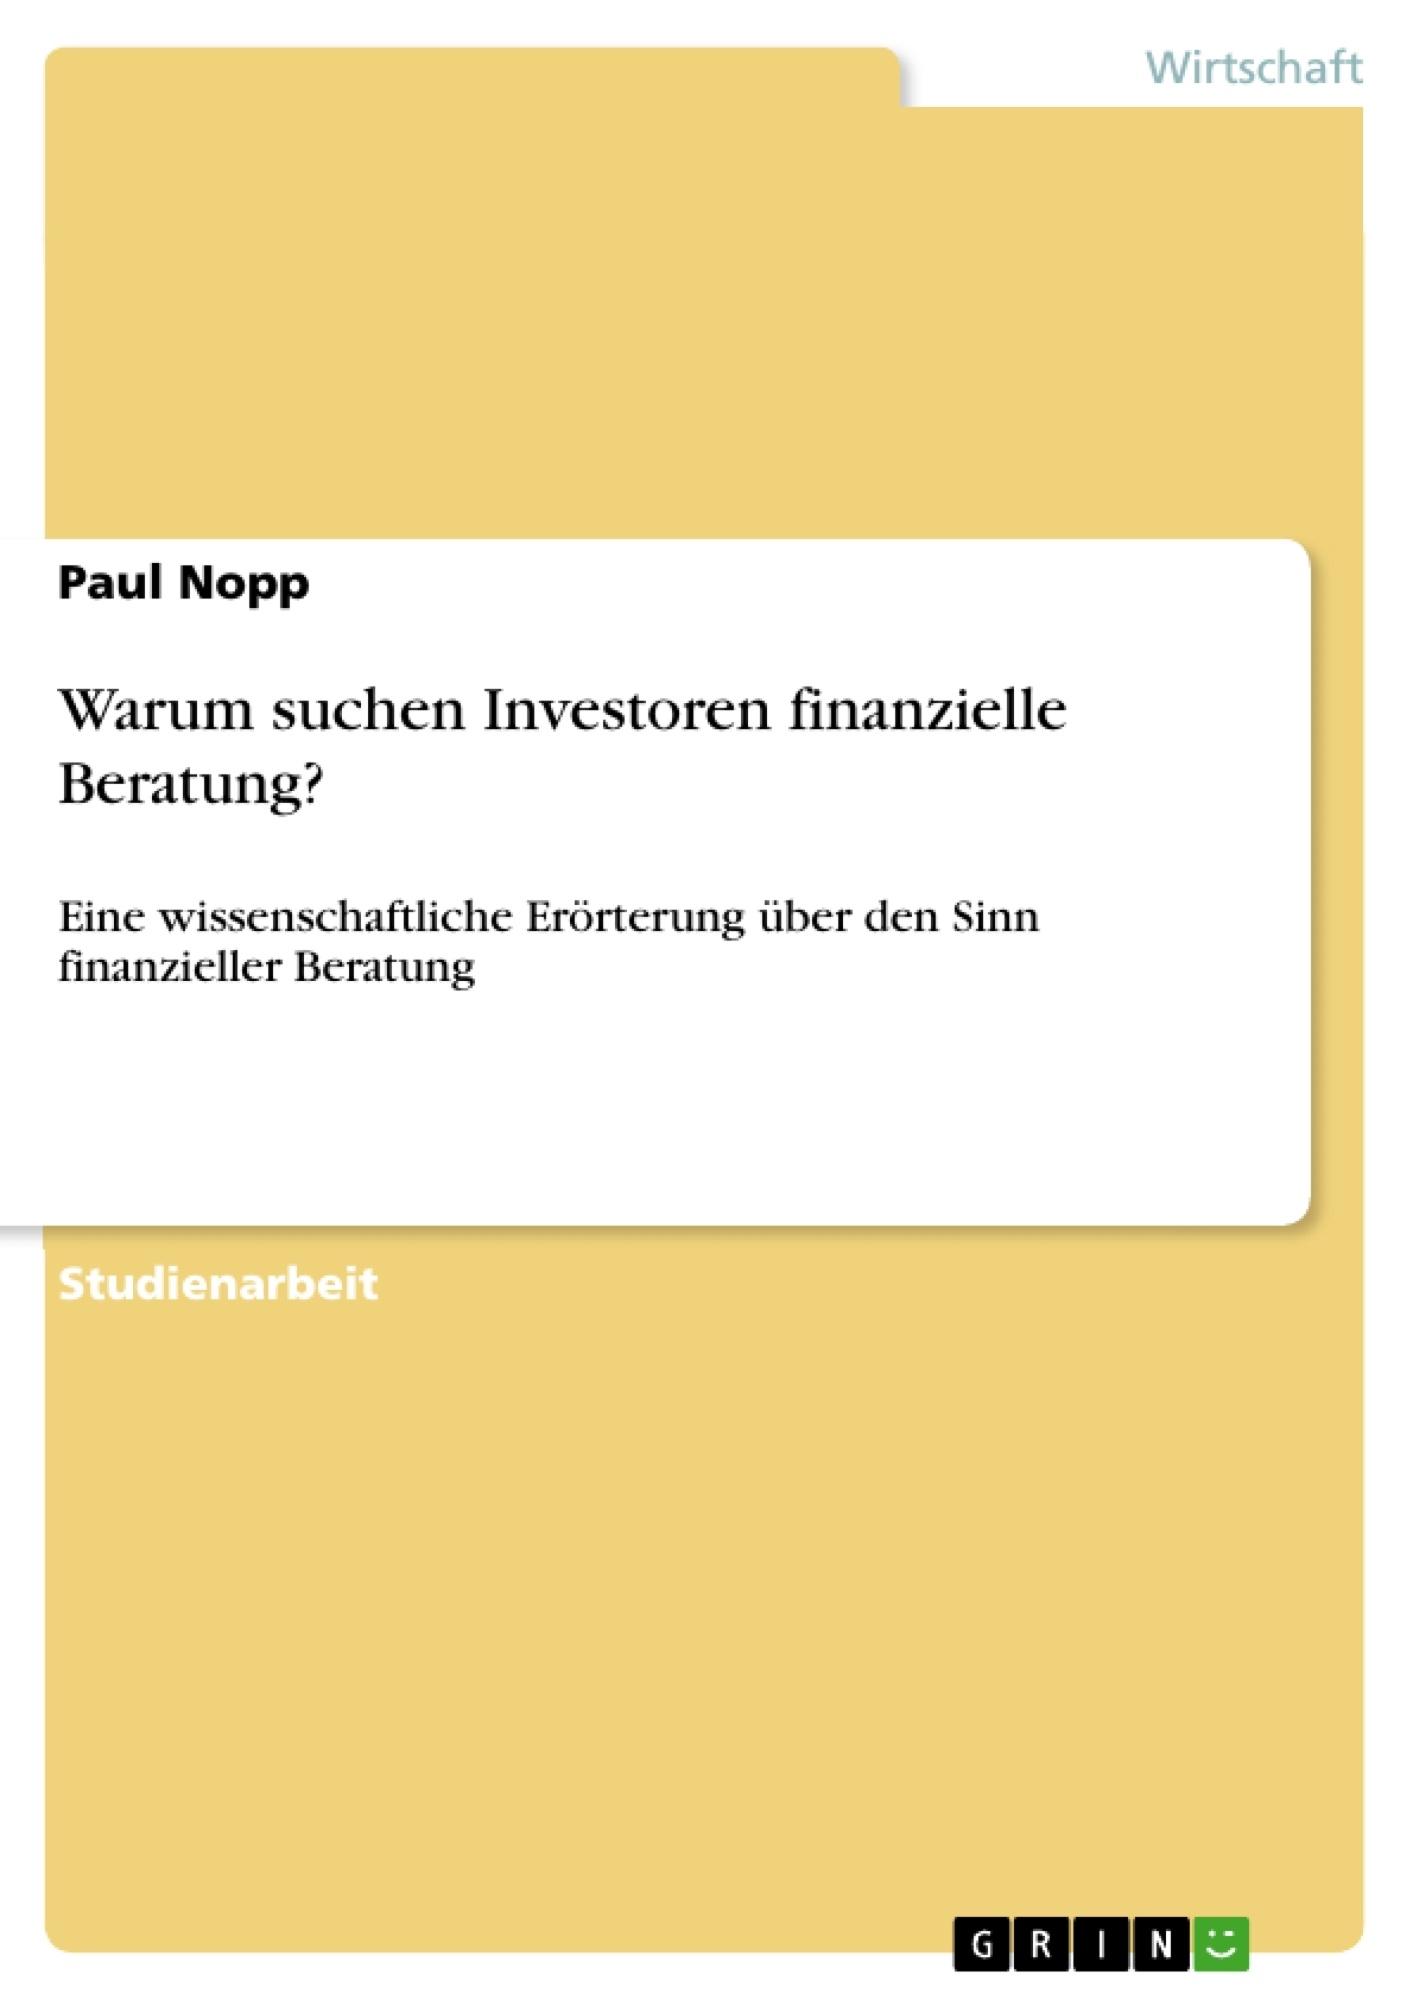 Titel: Warum suchen Investoren finanzielle Beratung?